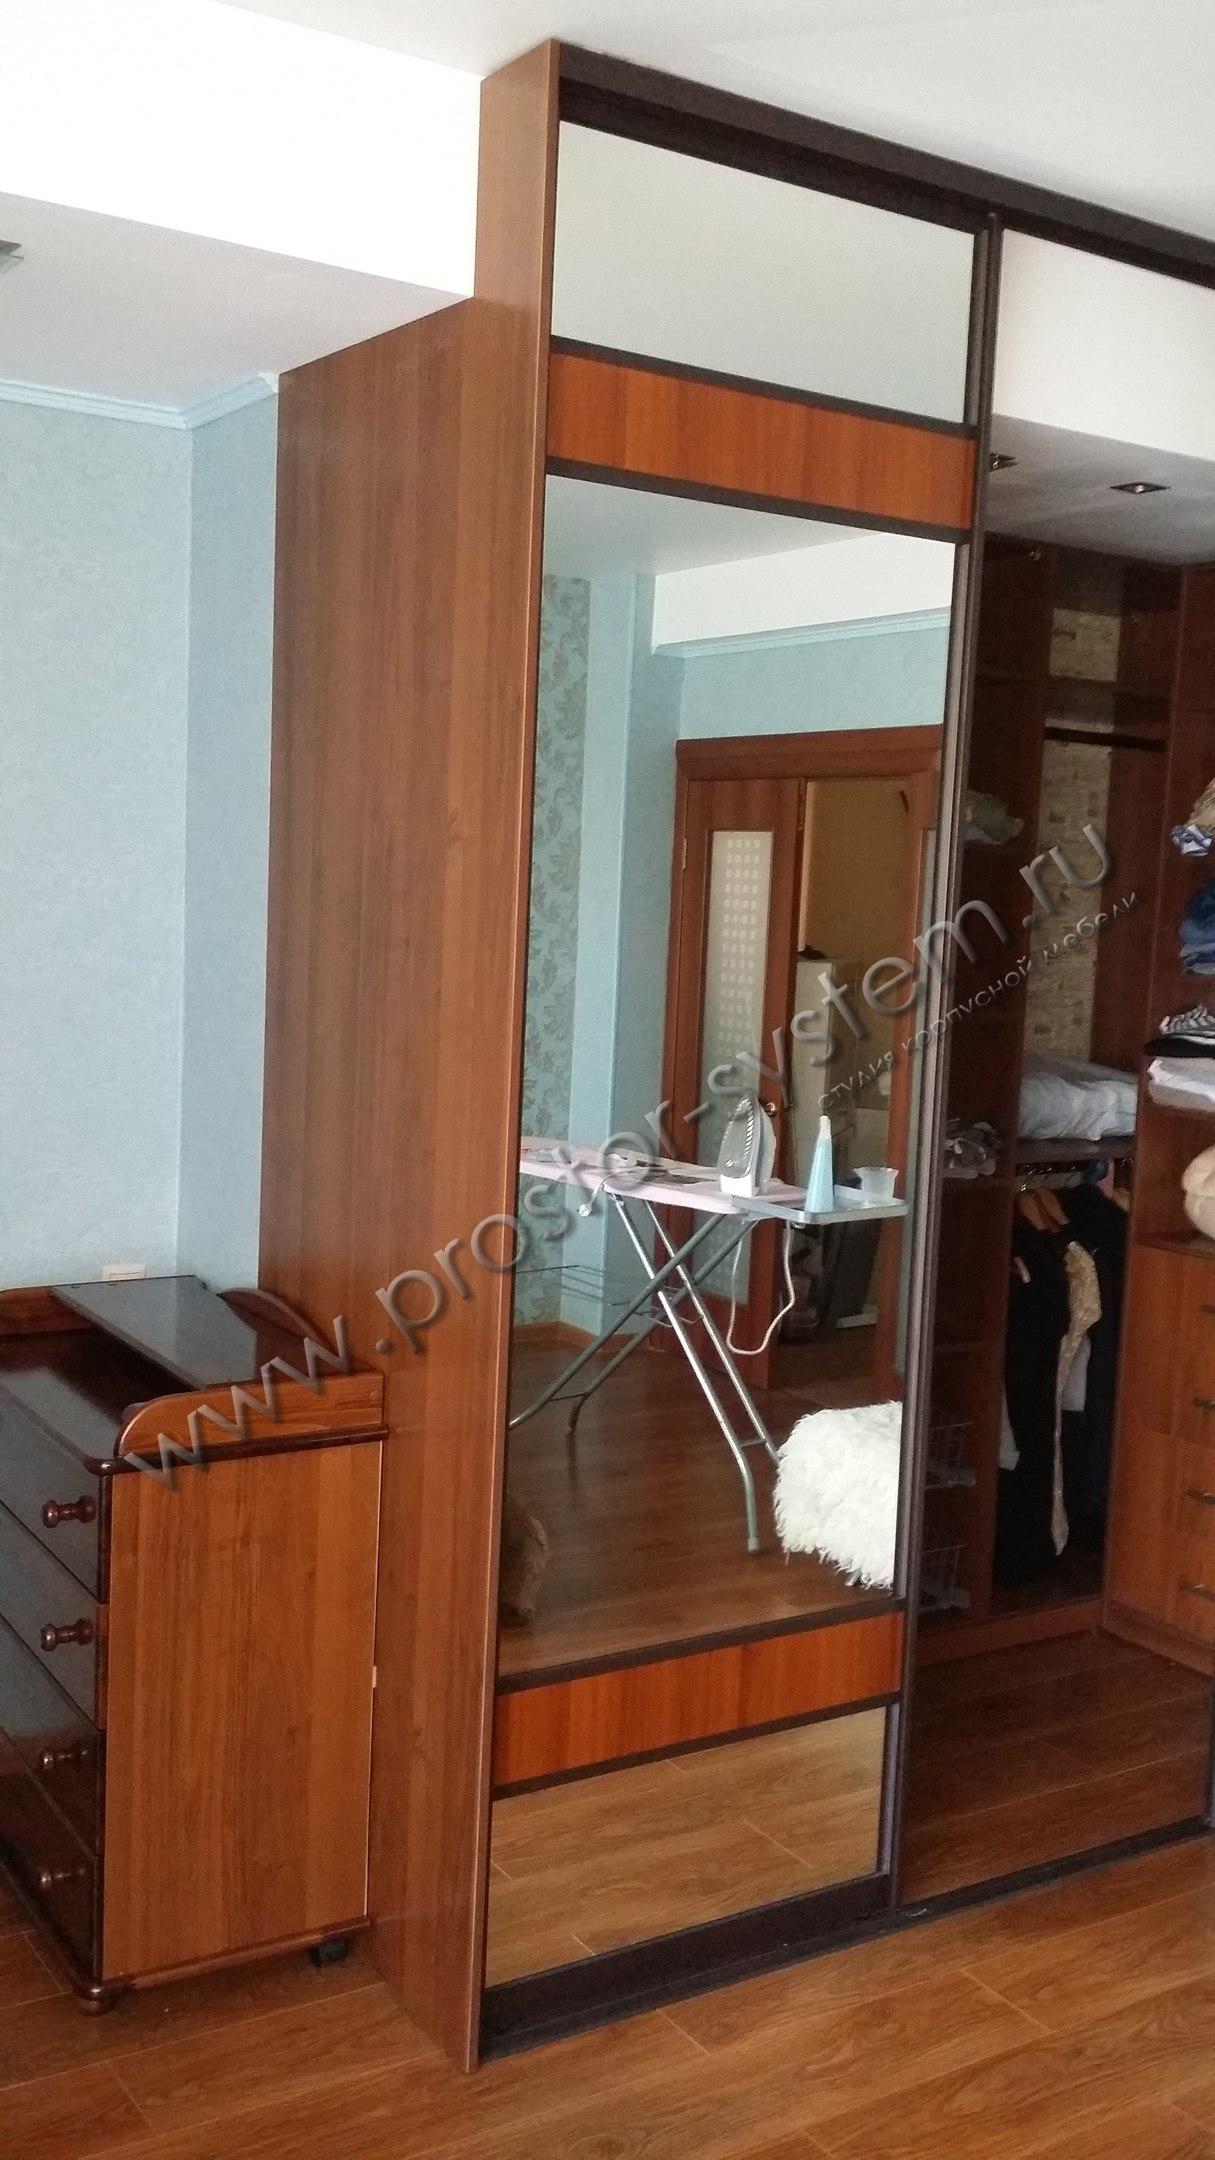 купить угловой диван еврокнижка недорого в москве распродажа